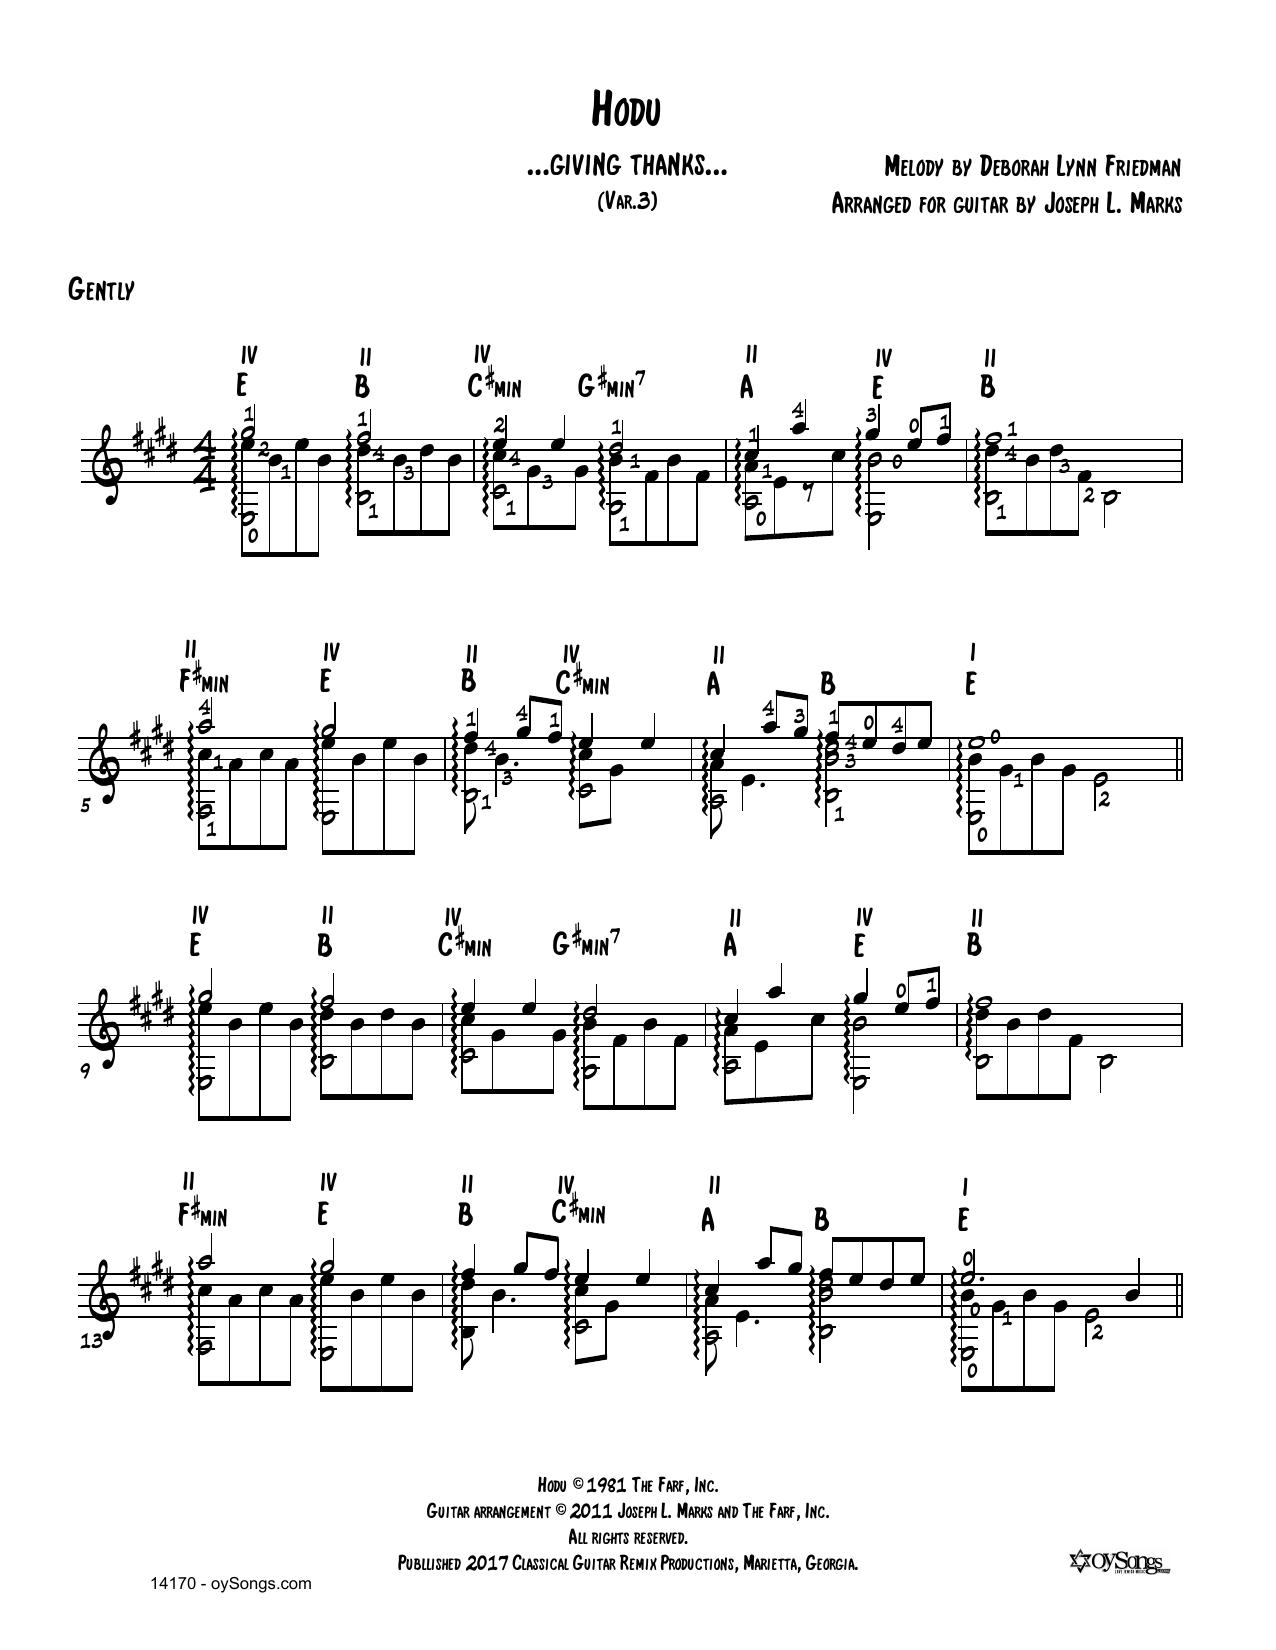 Debbie Friedman Hodu Var 3 (arr. Joe Marks) sheet music notes and chords. Download Printable PDF.